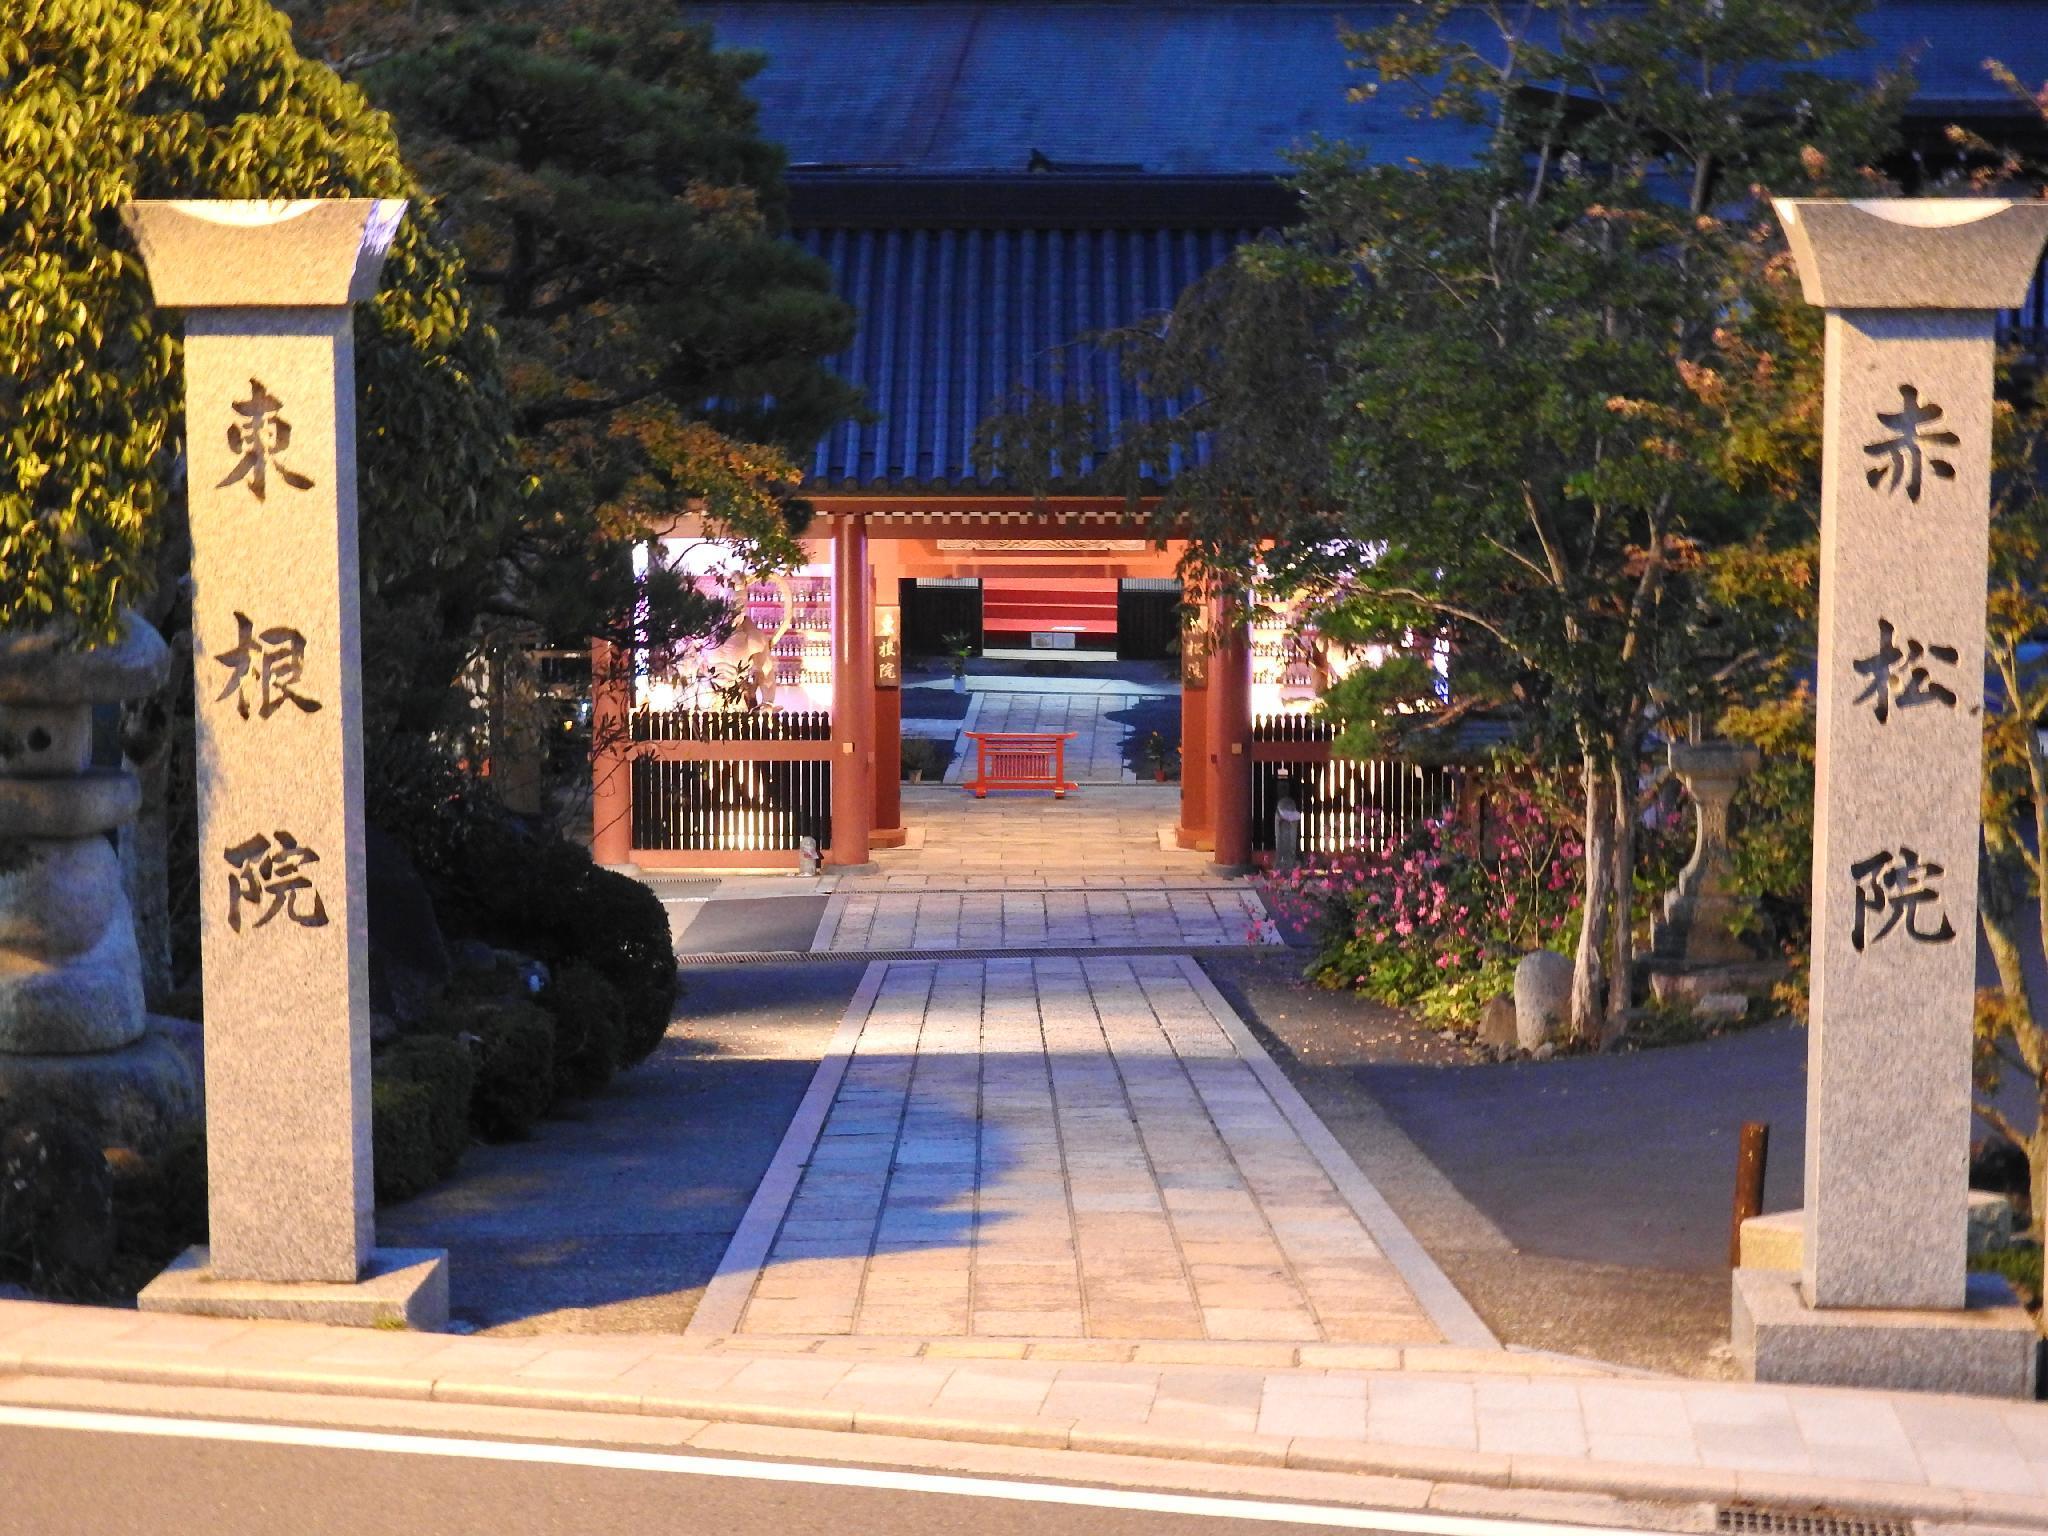 Das Koyasan Sekishoin Ryokan in Koya buchen